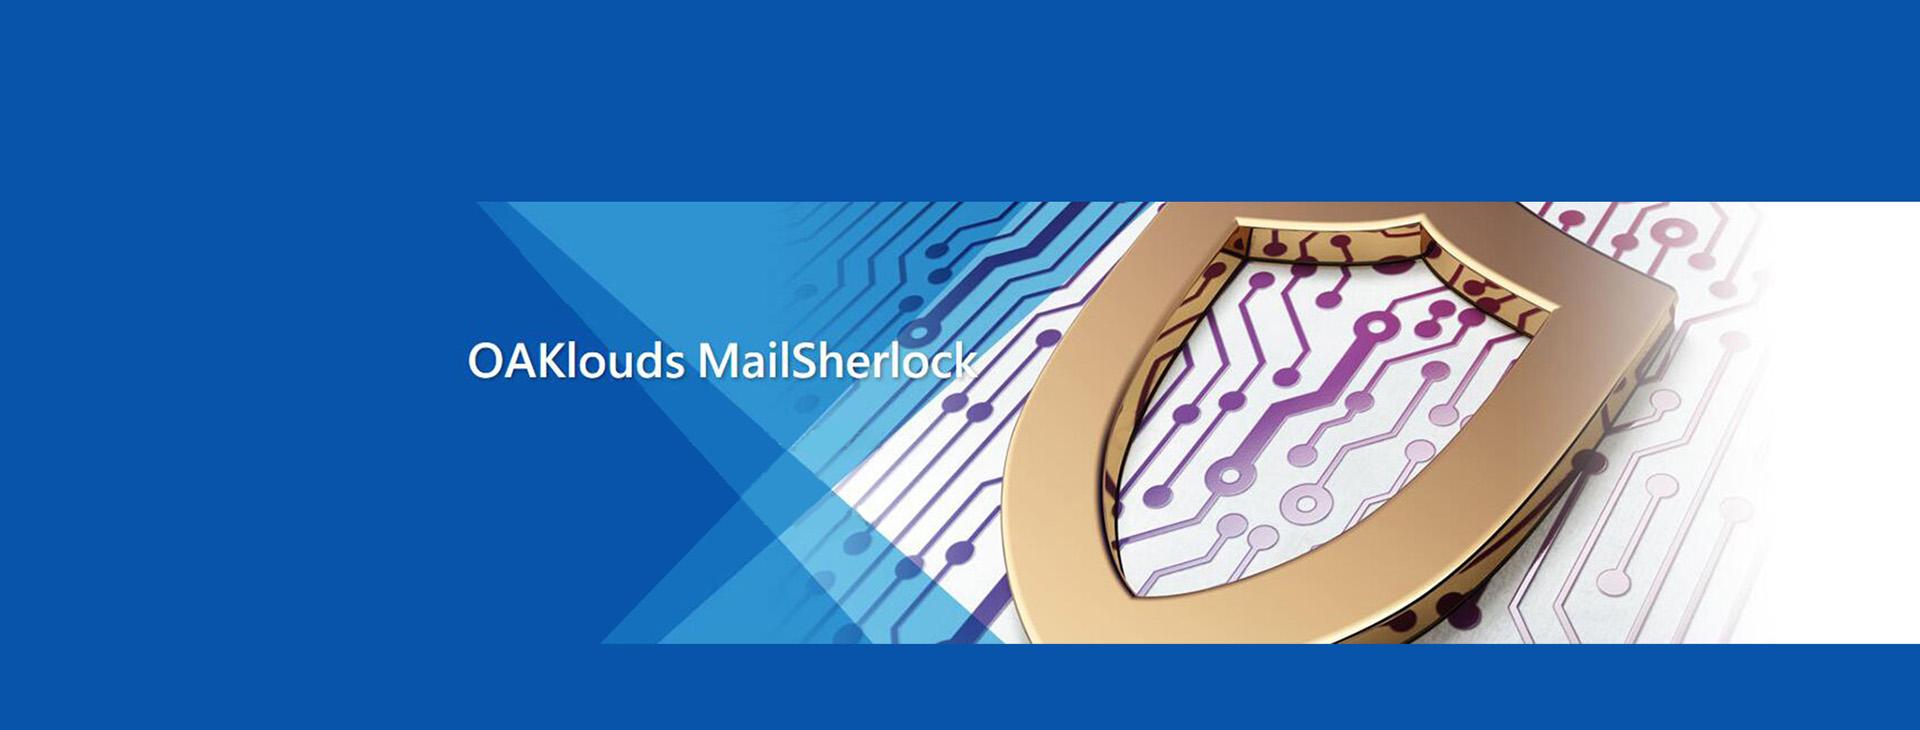 OAKlouds MailSherlock